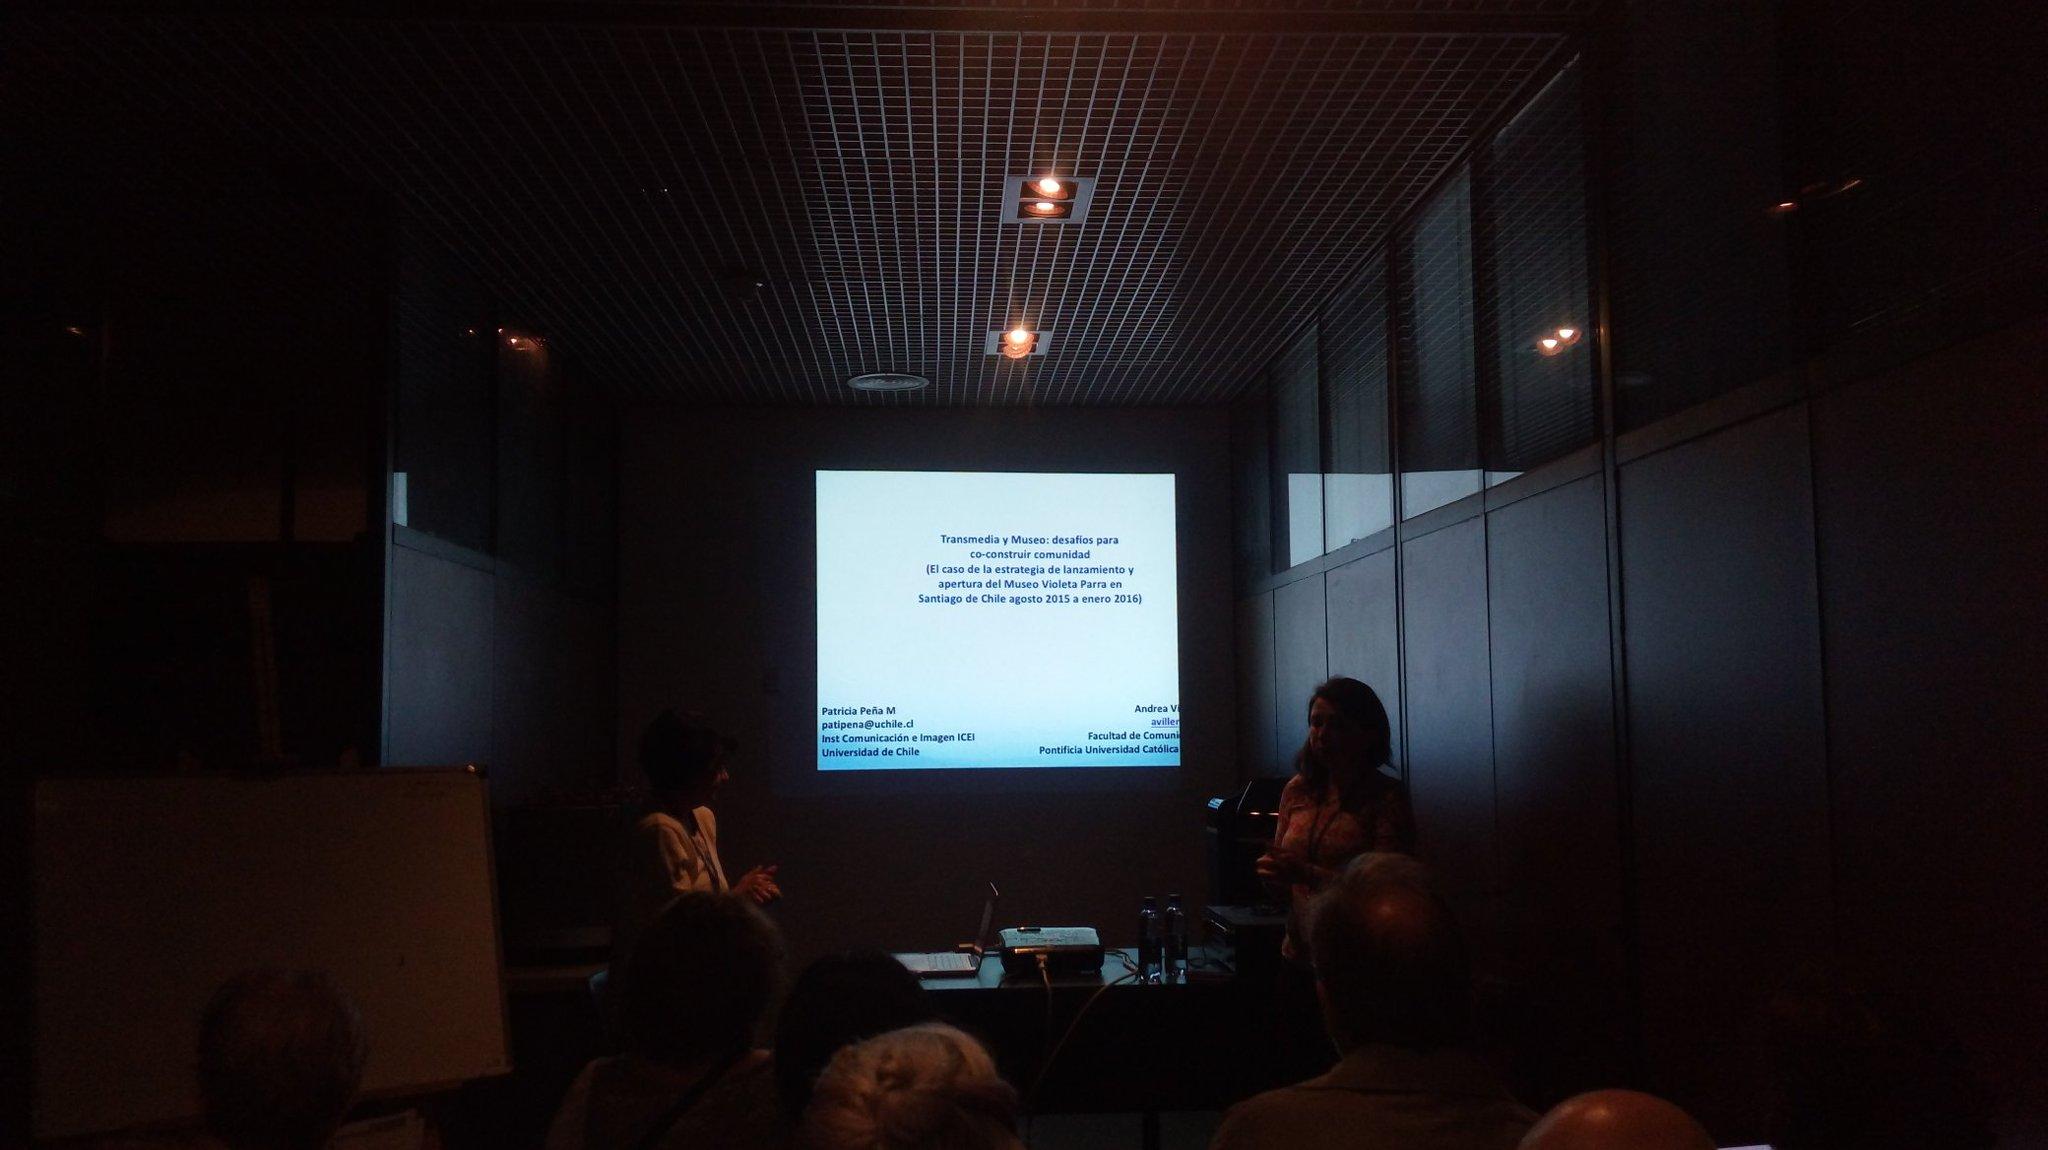 Transmedia y Museo. Patricia Peña, @patana  y Andrea Villena en #CongresoAAHD https://t.co/LCknDxaOA4